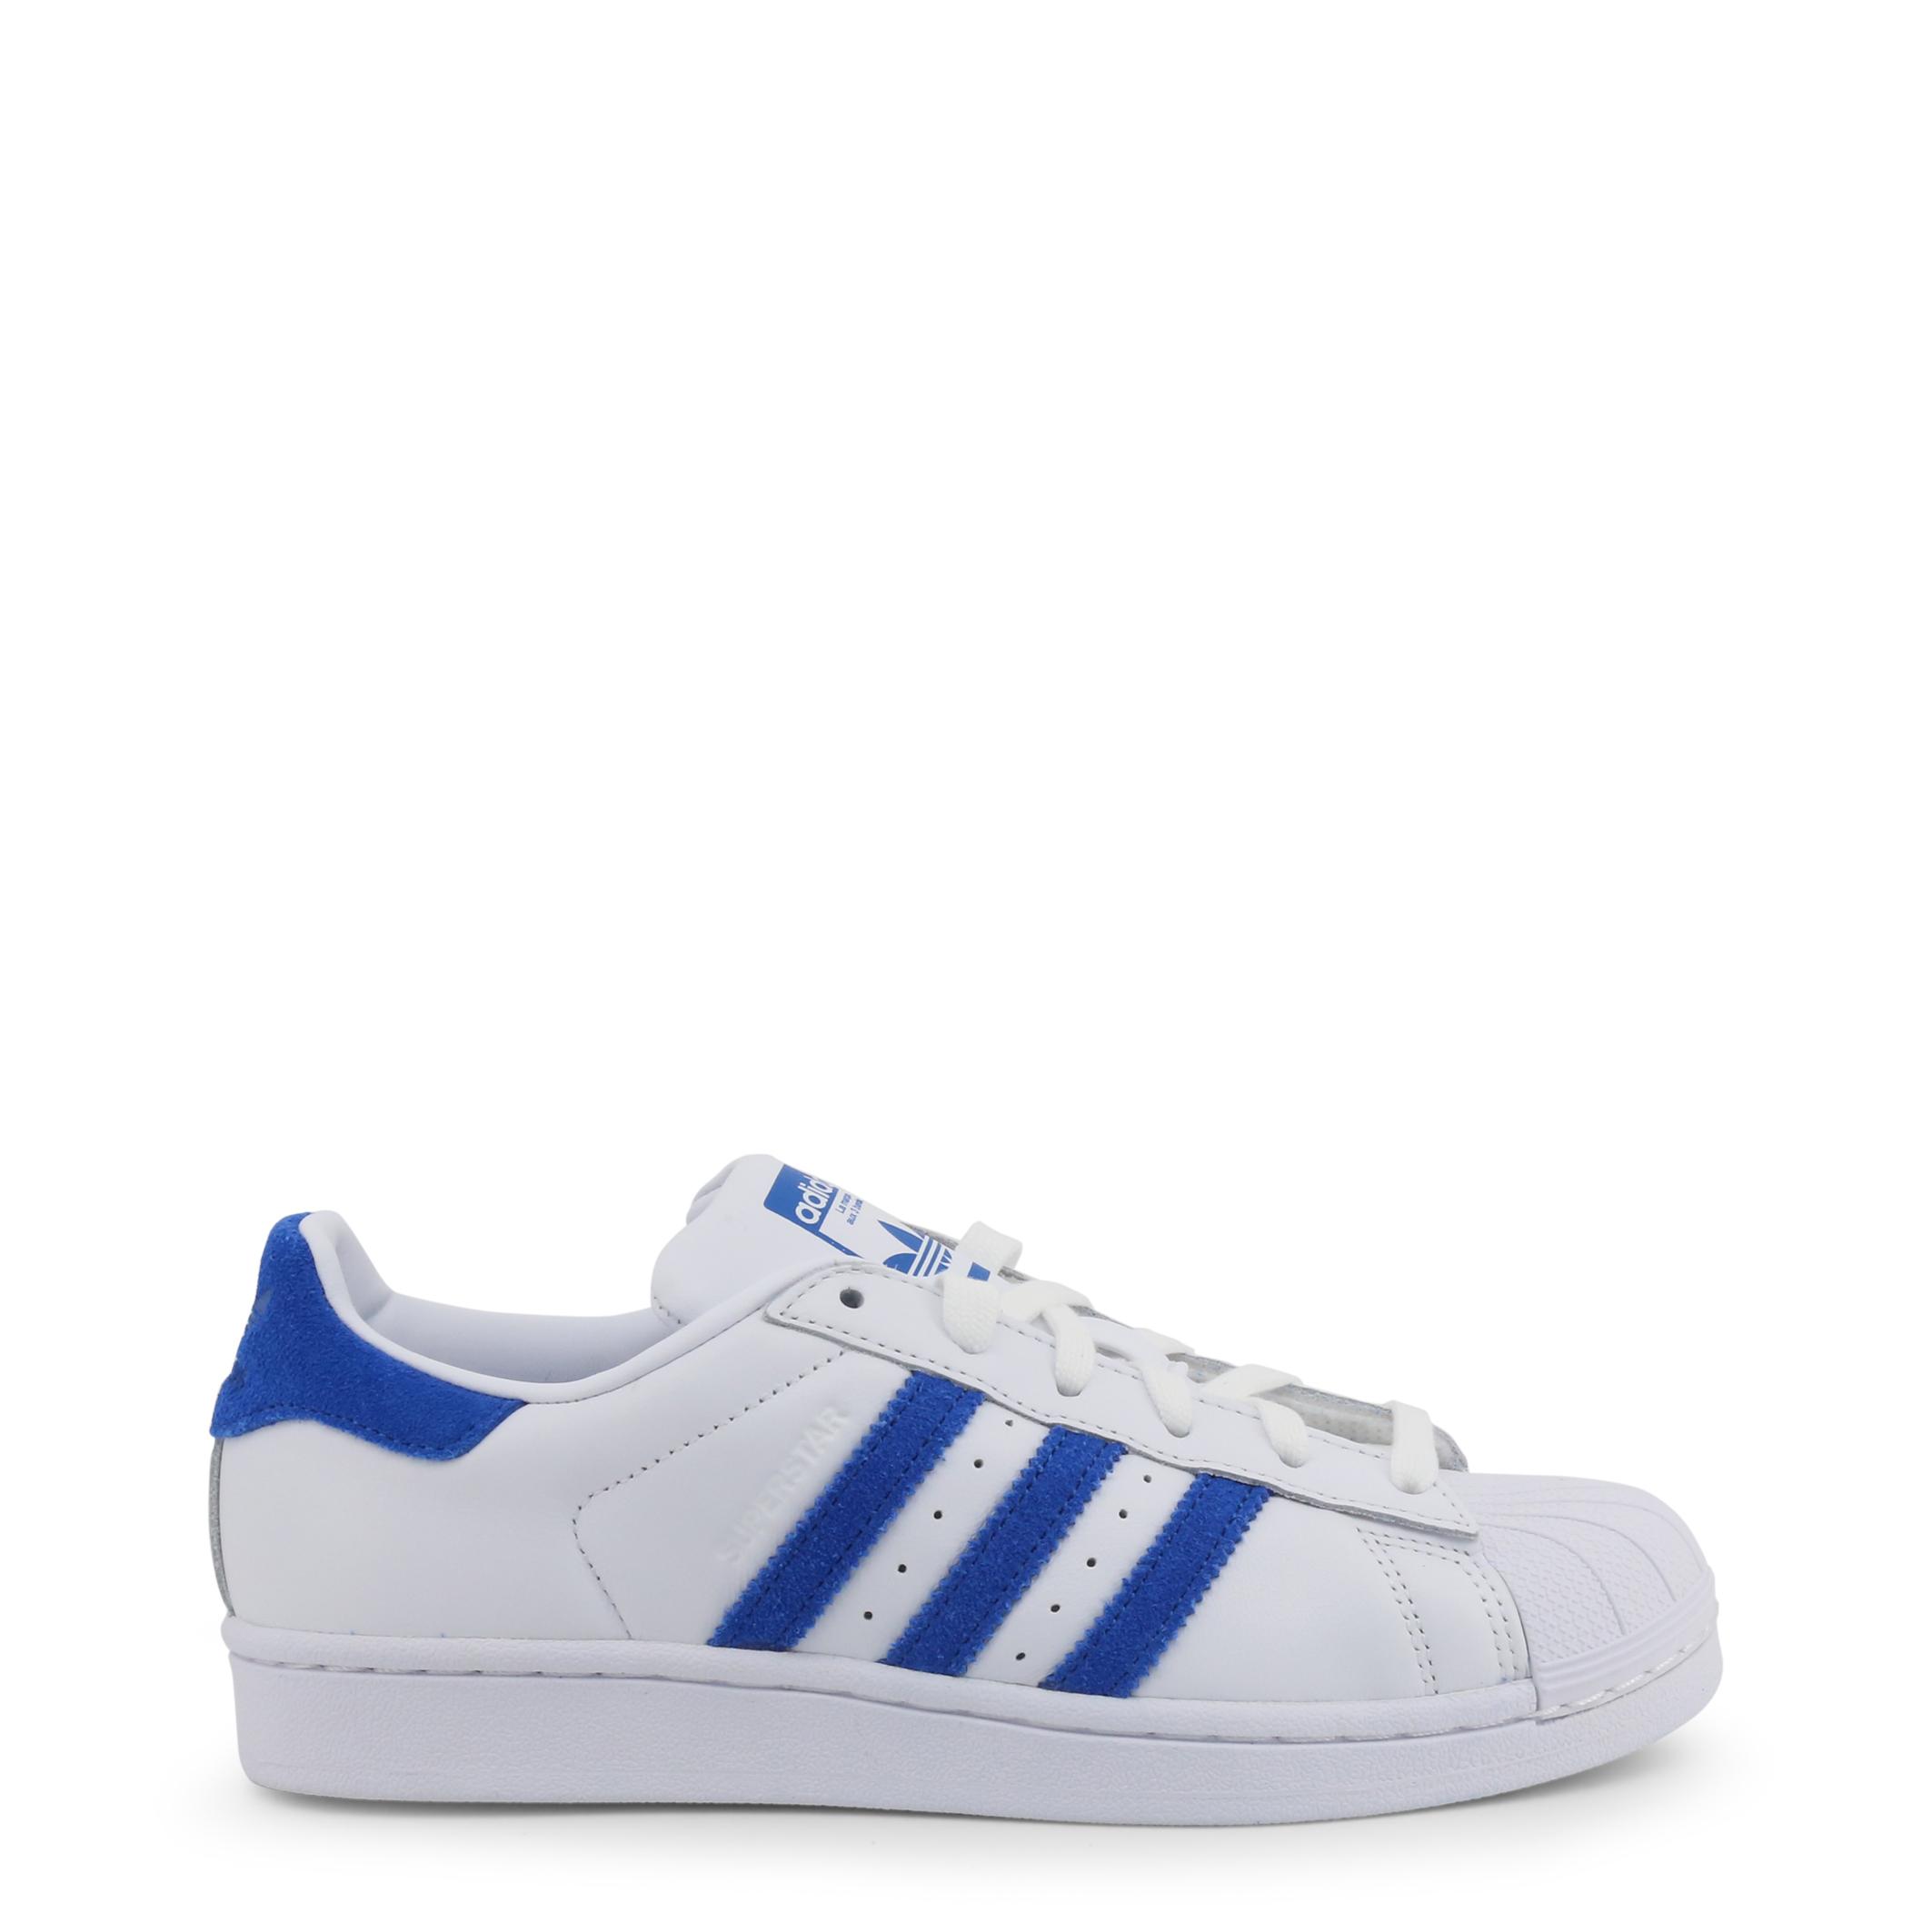 Baskets / Sport  Adidas Superstar white